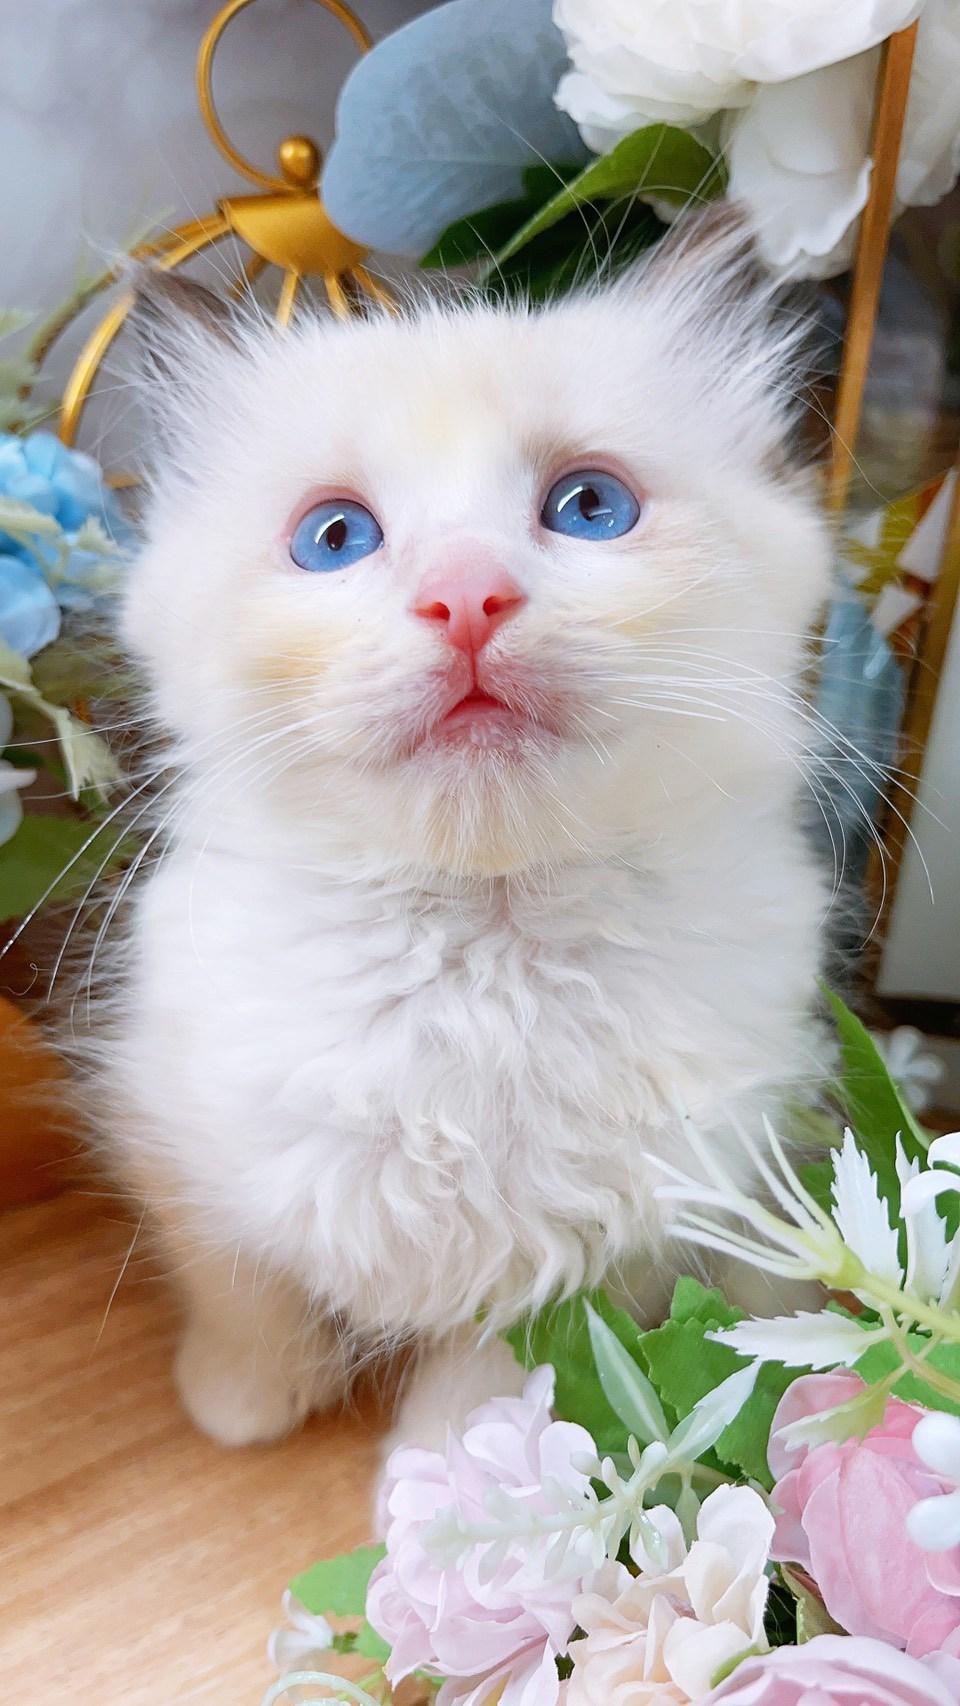 月亮糖糖喵樂園/海豹雙色布偶貓弟弟